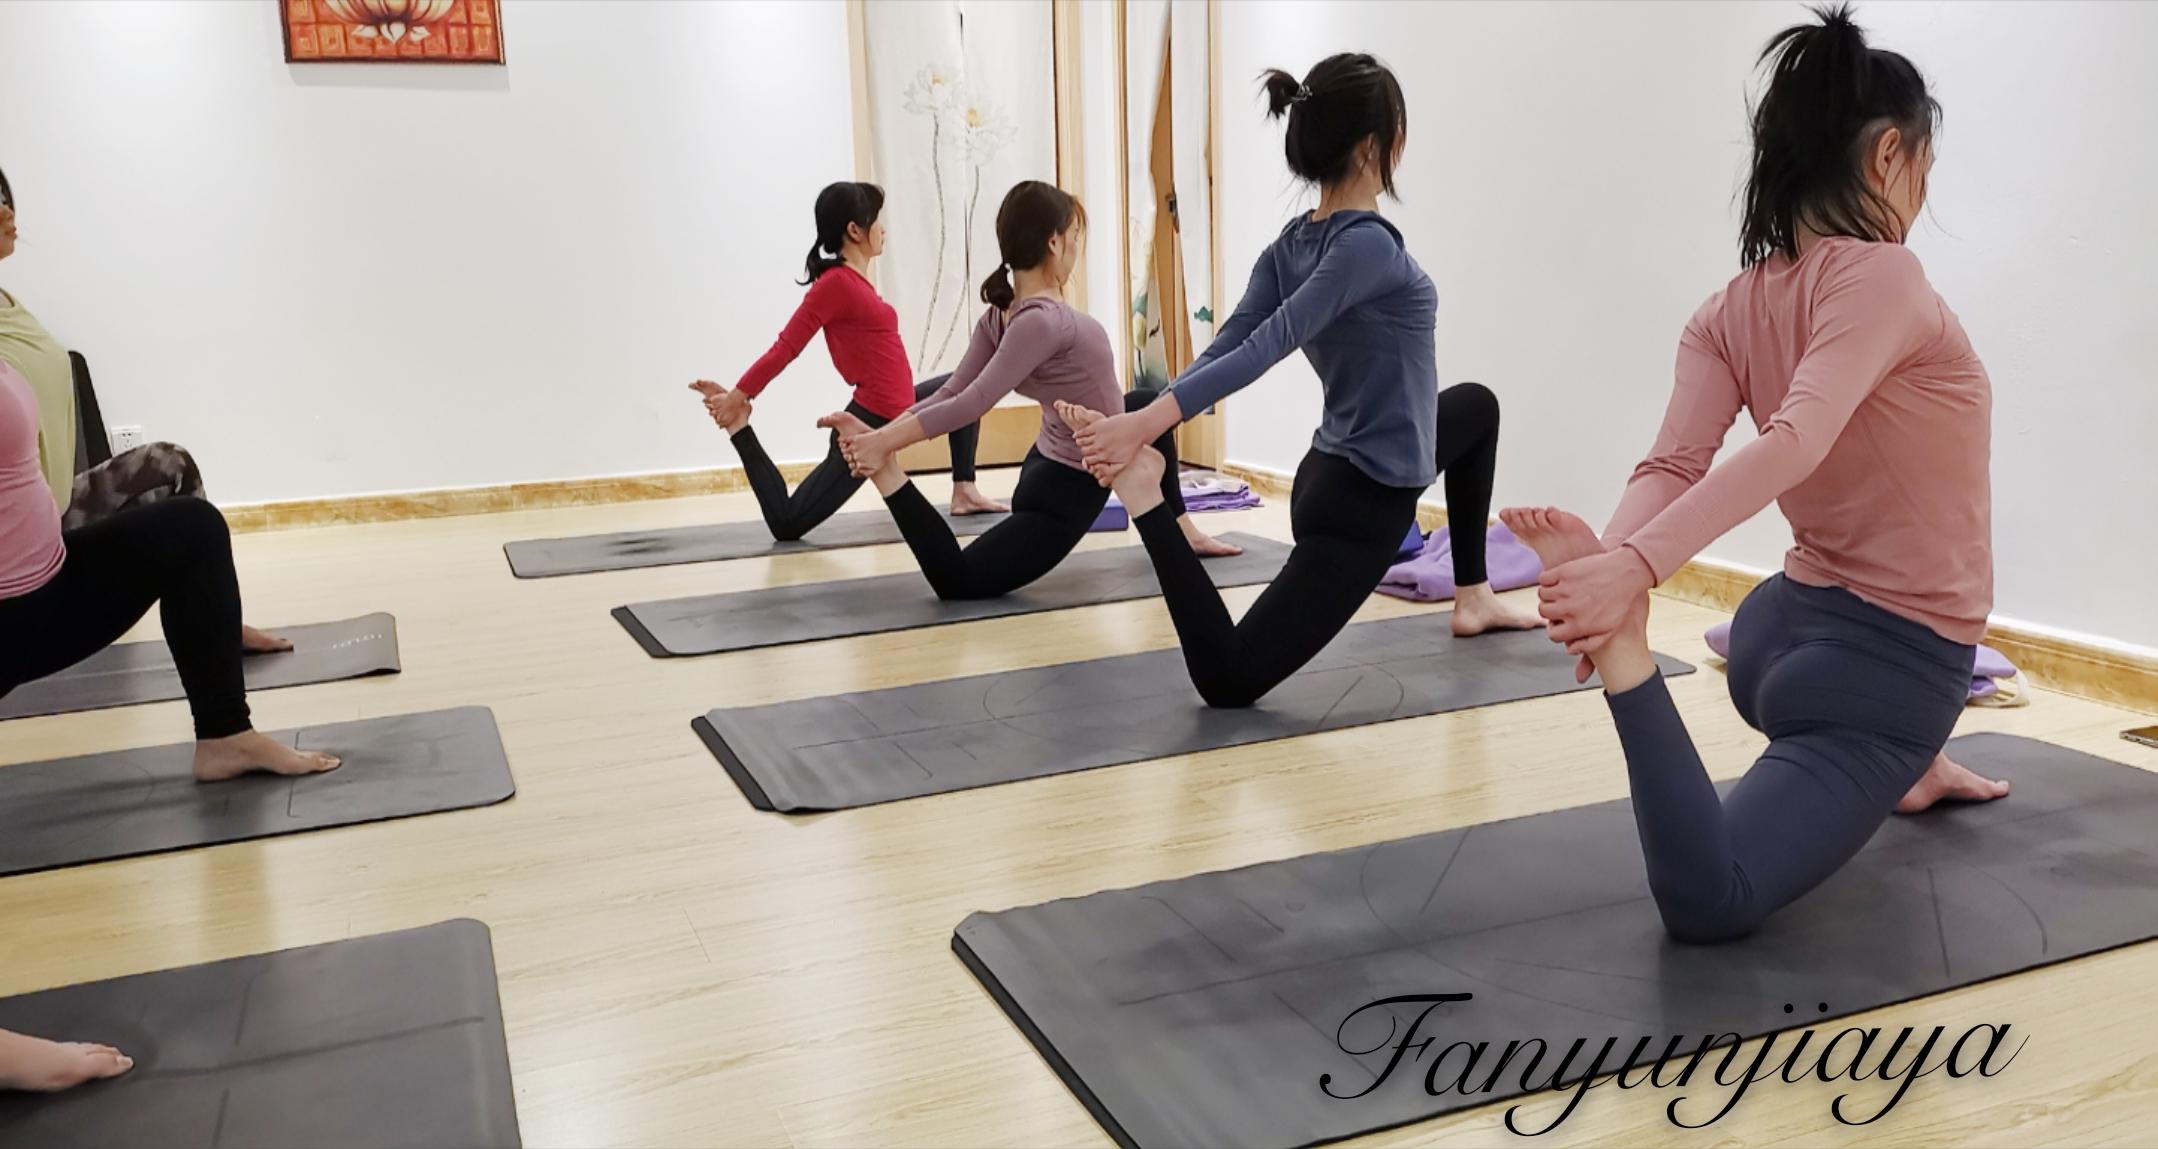 为什么瑜伽小班授课那么受欢迎?